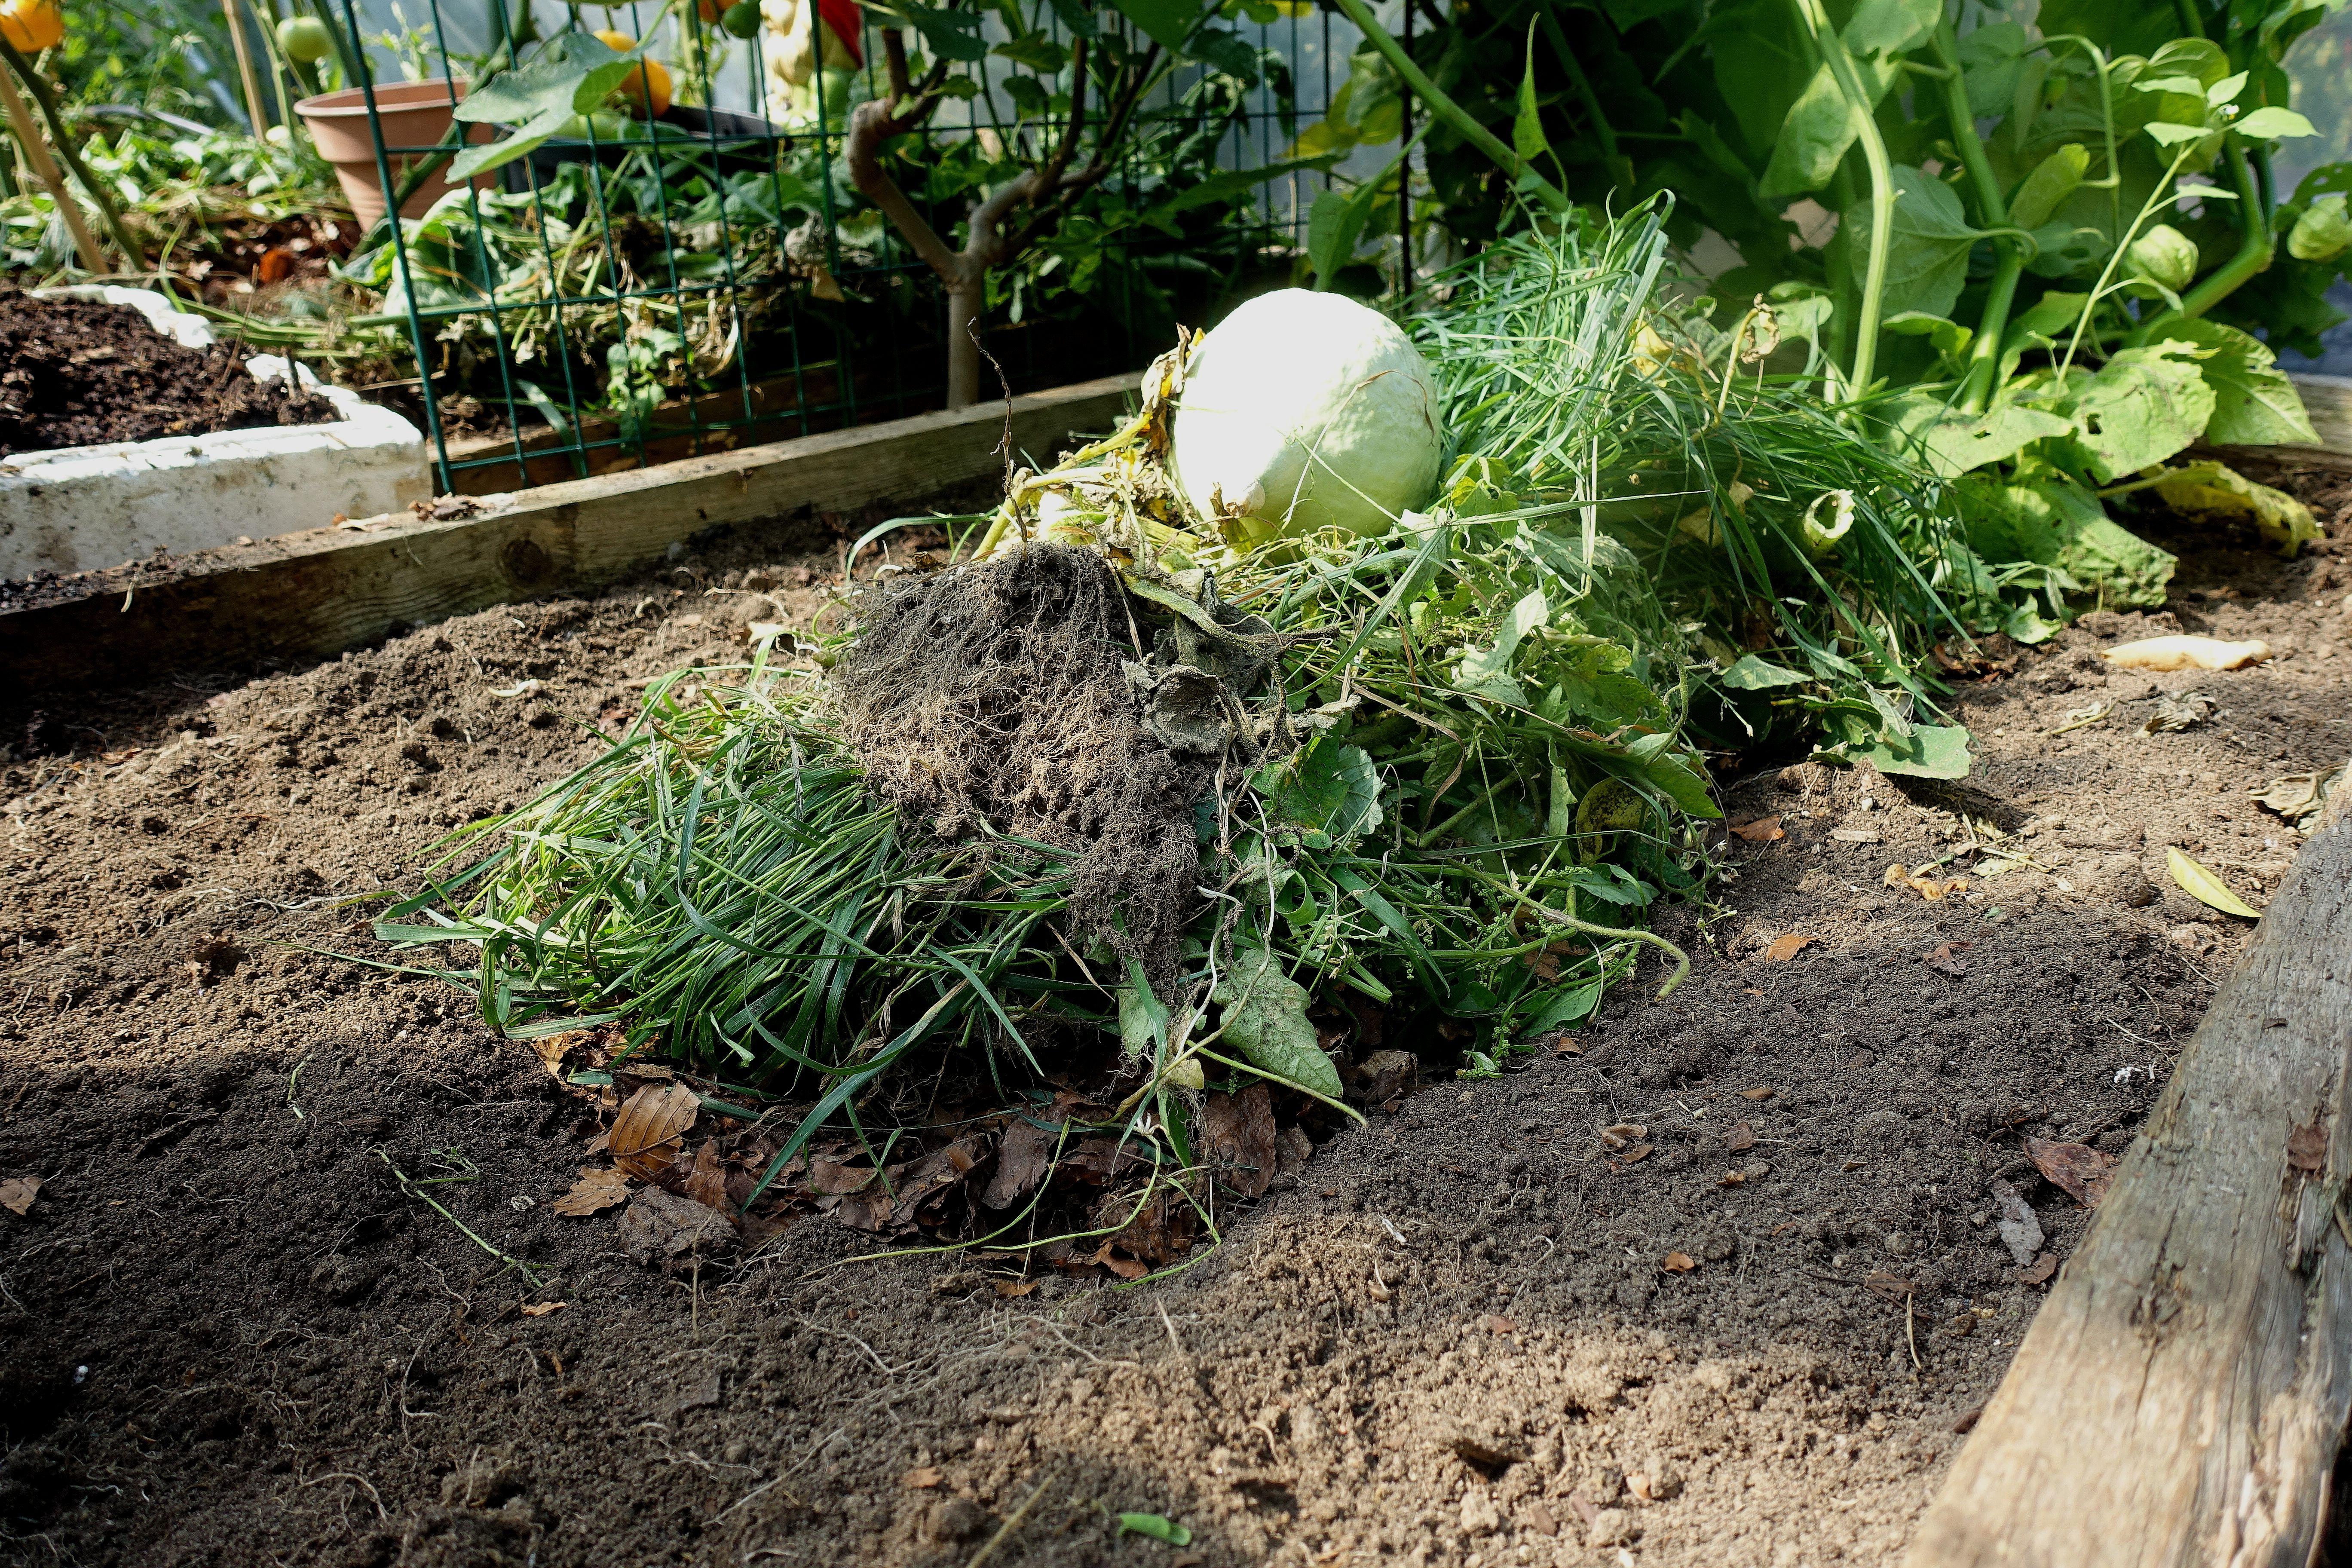 En bild på en odlingsbädd med jord och en hög med växtdelar i mitten. Mulching my polytunnels, a picture of a growing bed with plant parts.